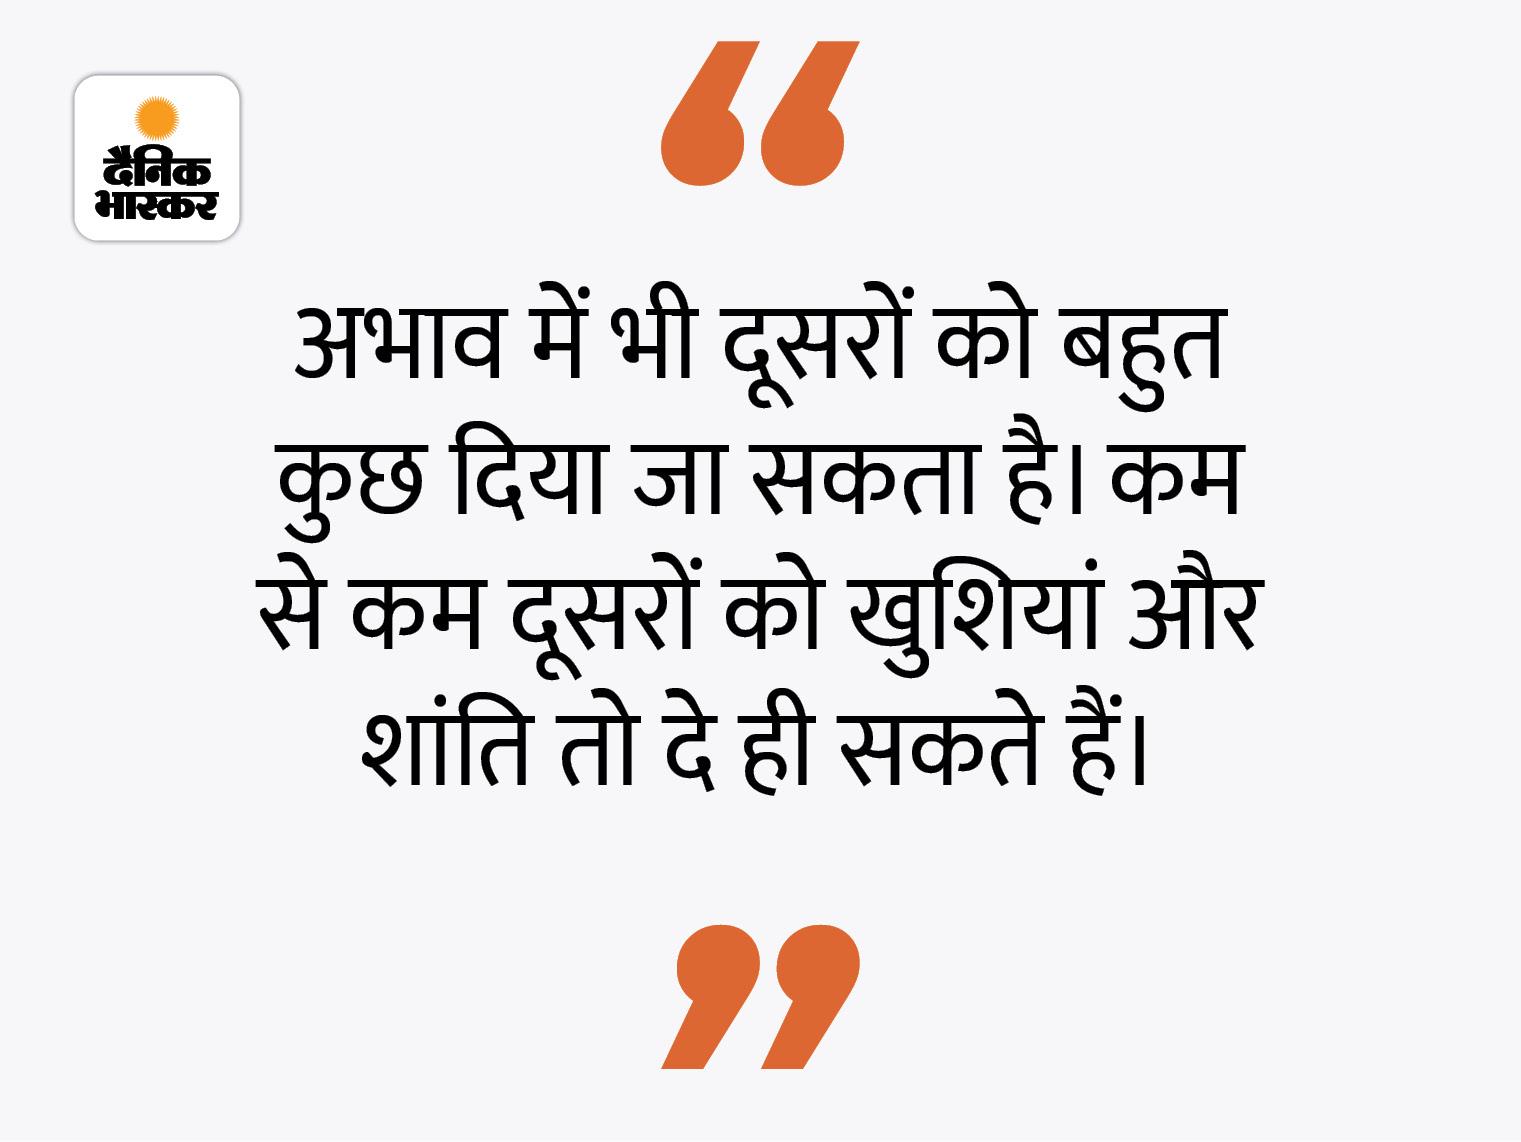 अगर हमारे पास धन नहीं है तो दूसरों को प्रसन्नता तो बांट ही सकते हैं|धर्म,Dharm - Dainik Bhaskar